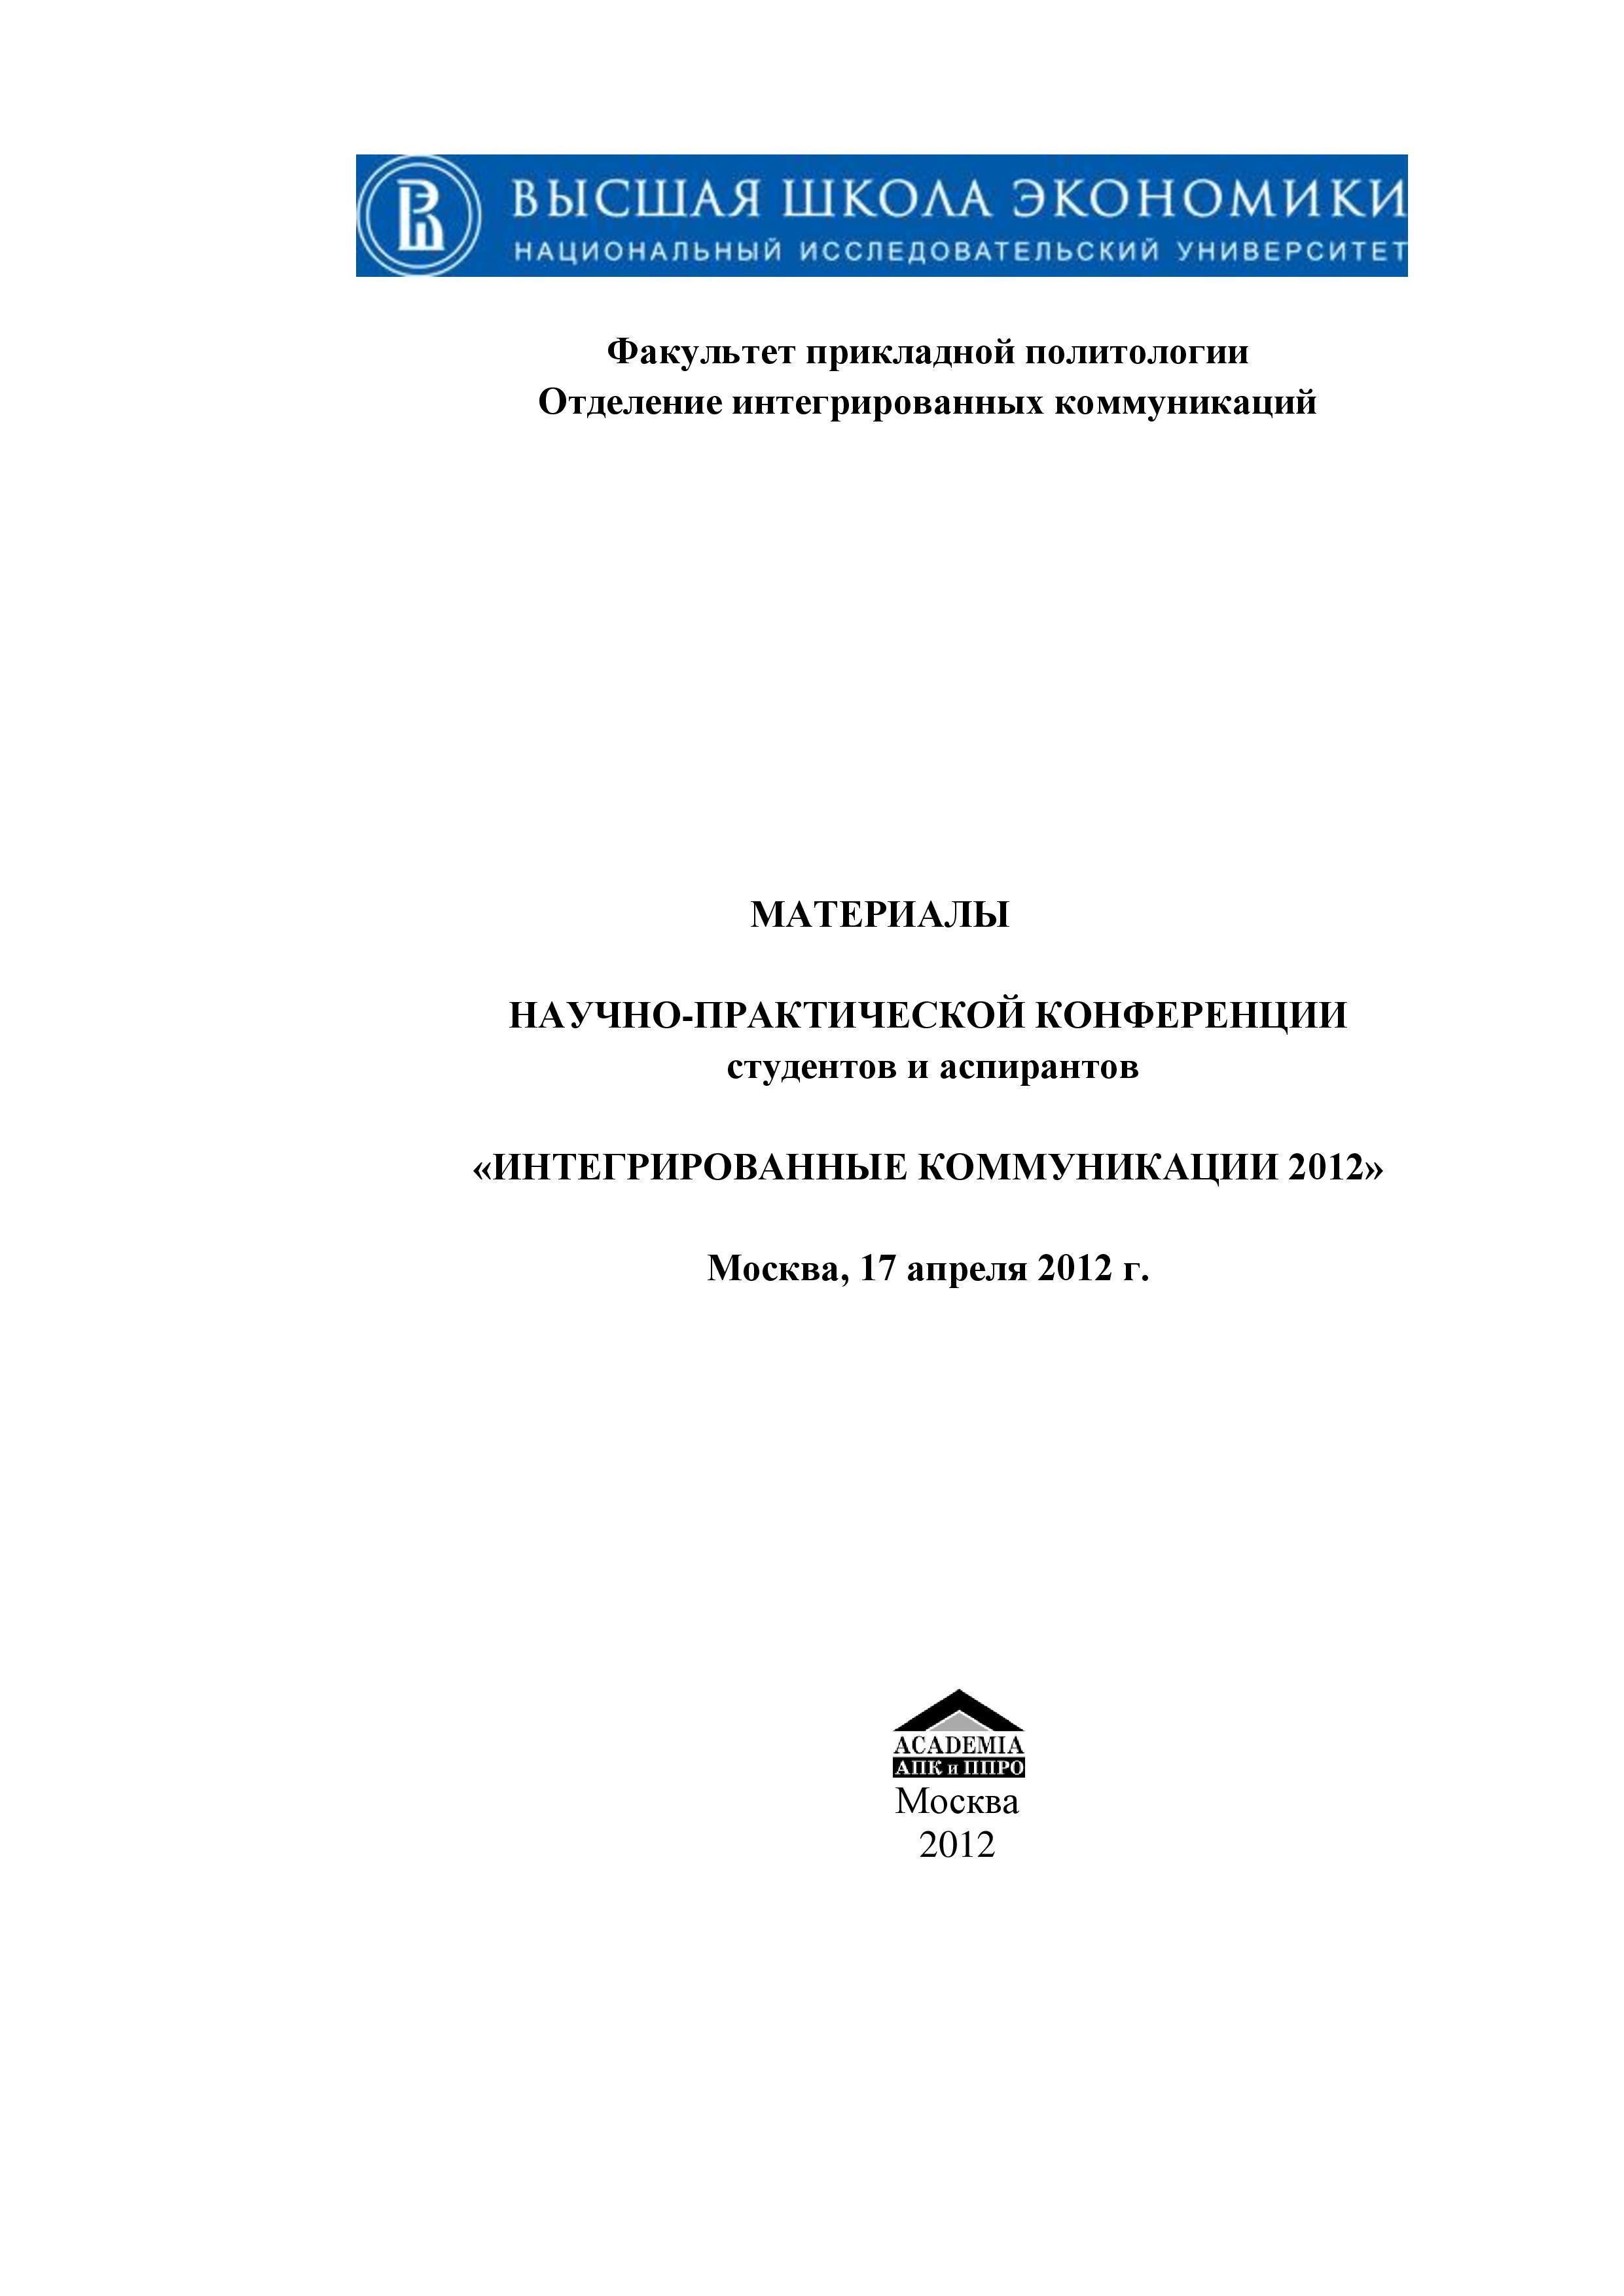 Материалы научно-практической конференции студентов и аспирантов «Интегрированные коммуникации 2012» (Москва, 17 апреля 2012 г.)